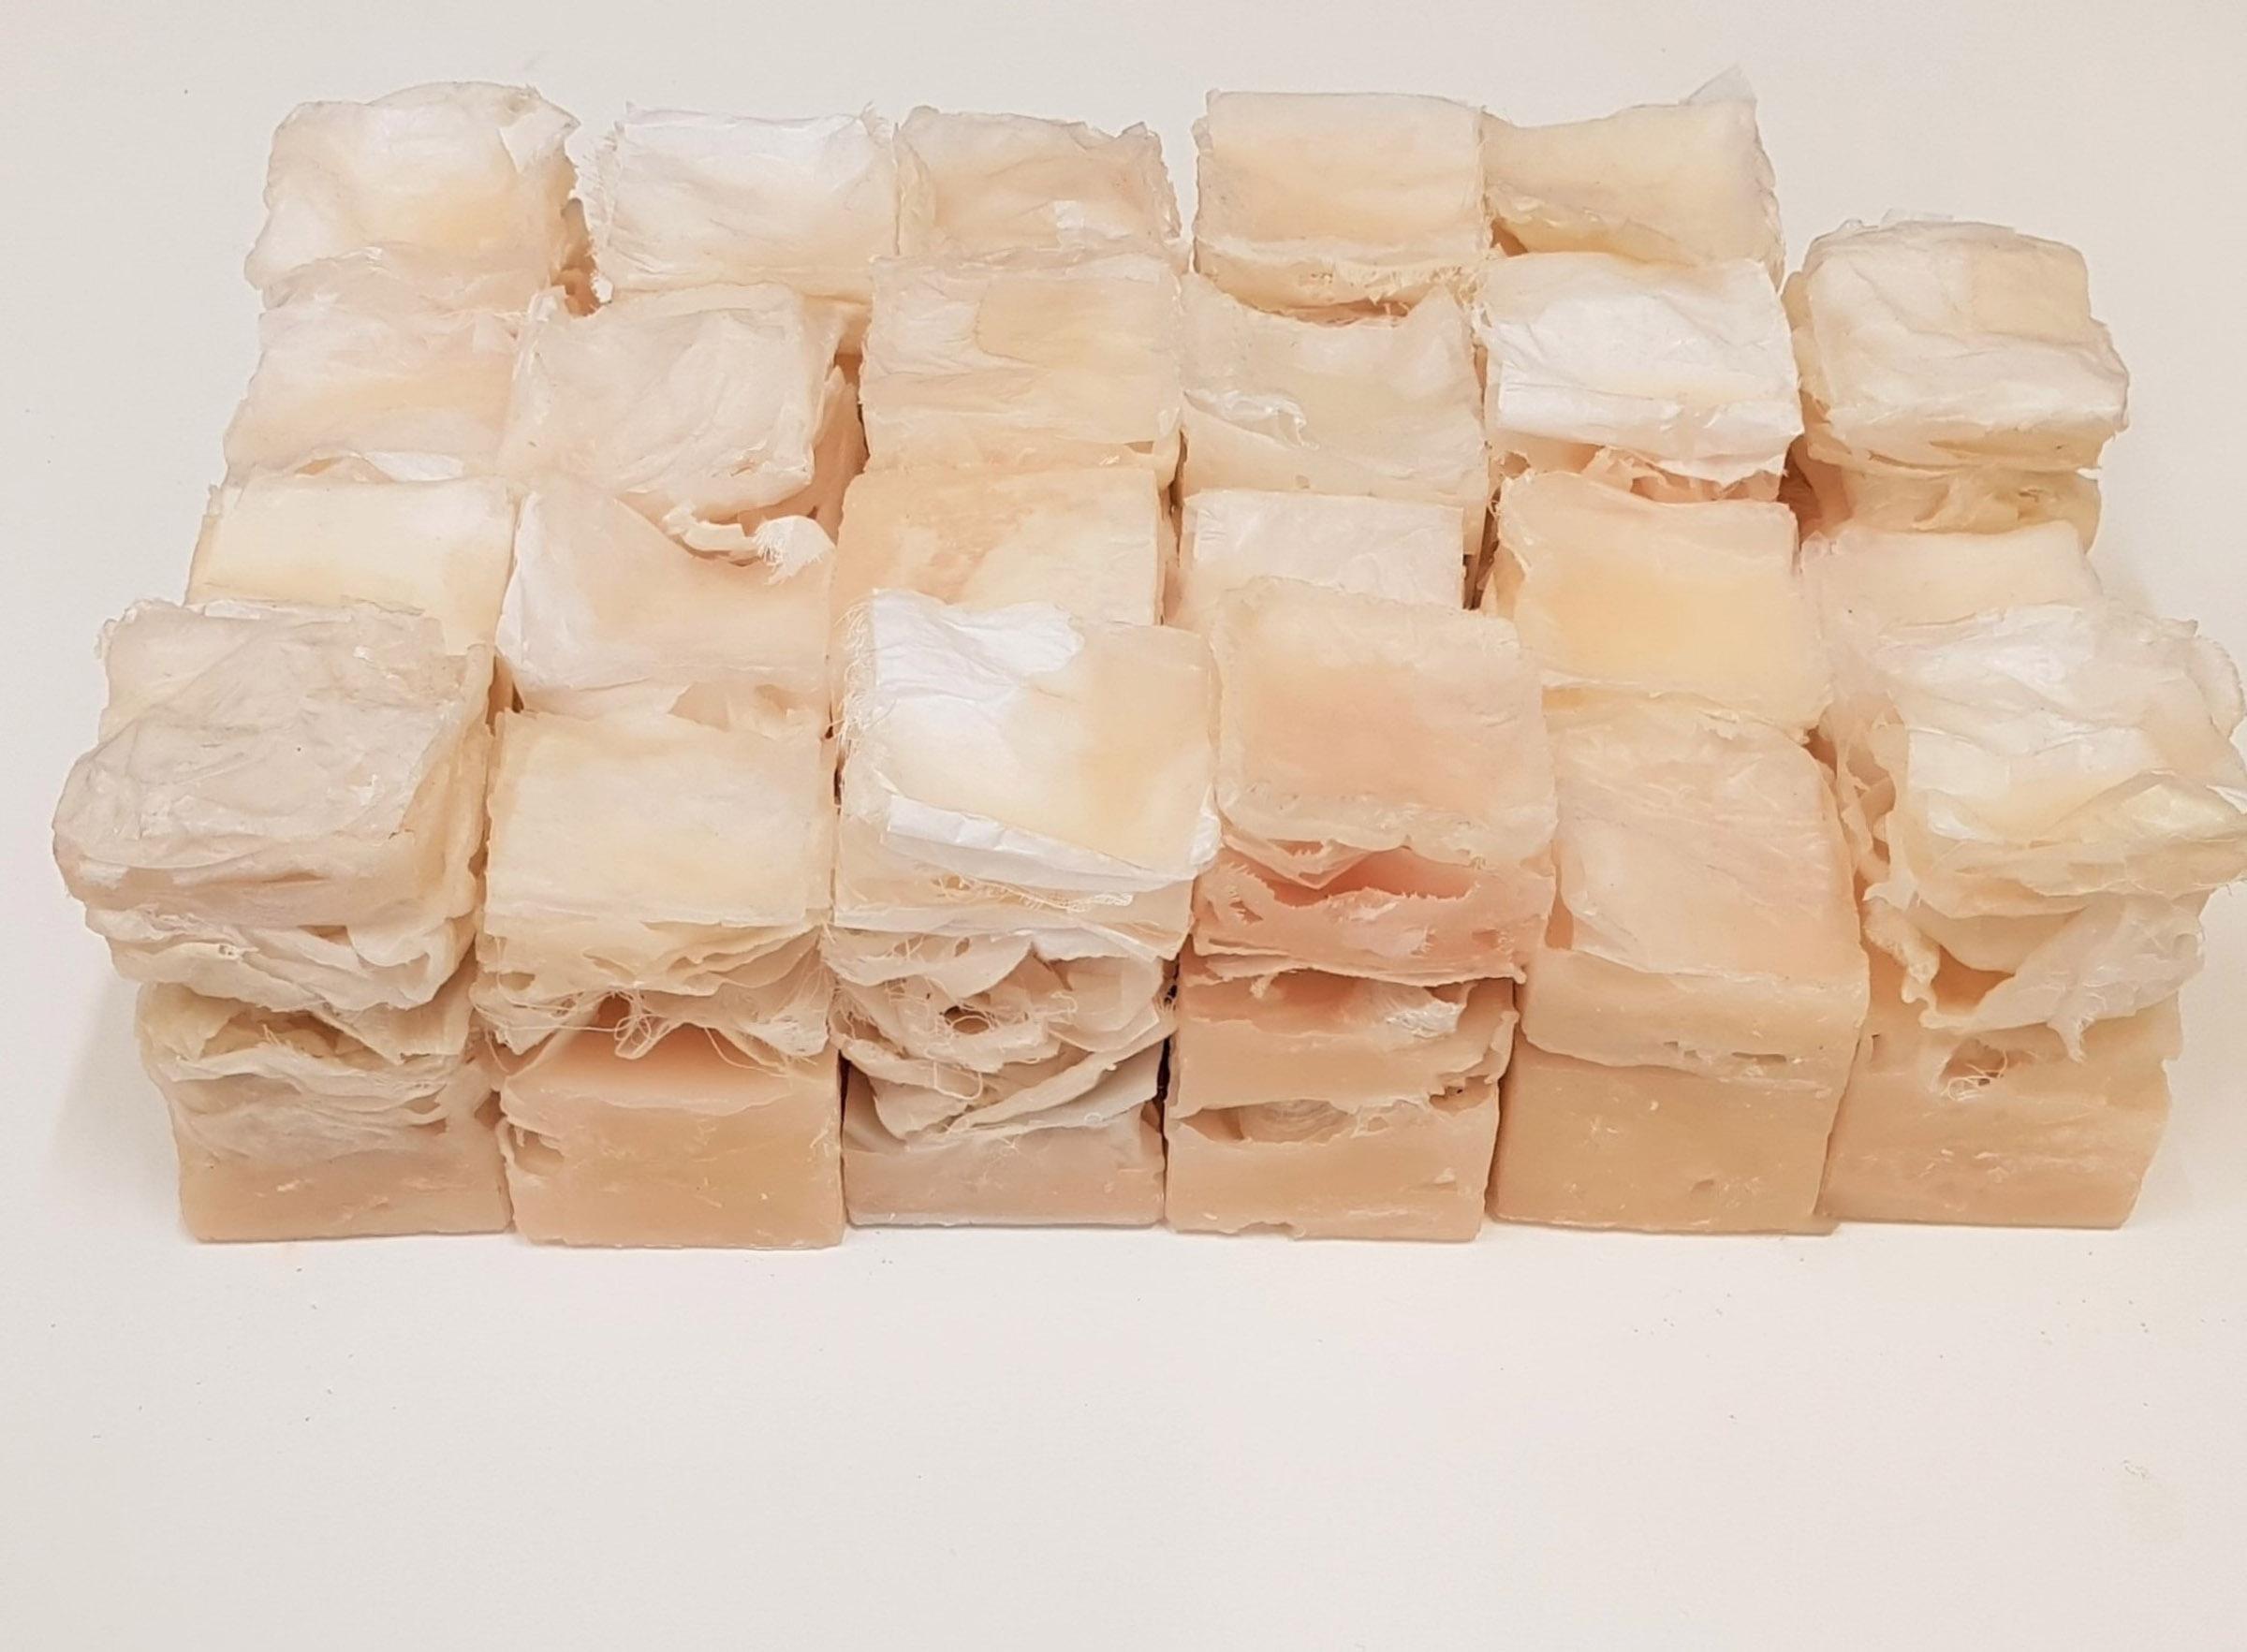 Beeldende kunst met 25 opstapelingen van laagjes huid, over tastzin, kwetsbaarheid, verlangens, haptonomie en grenzen